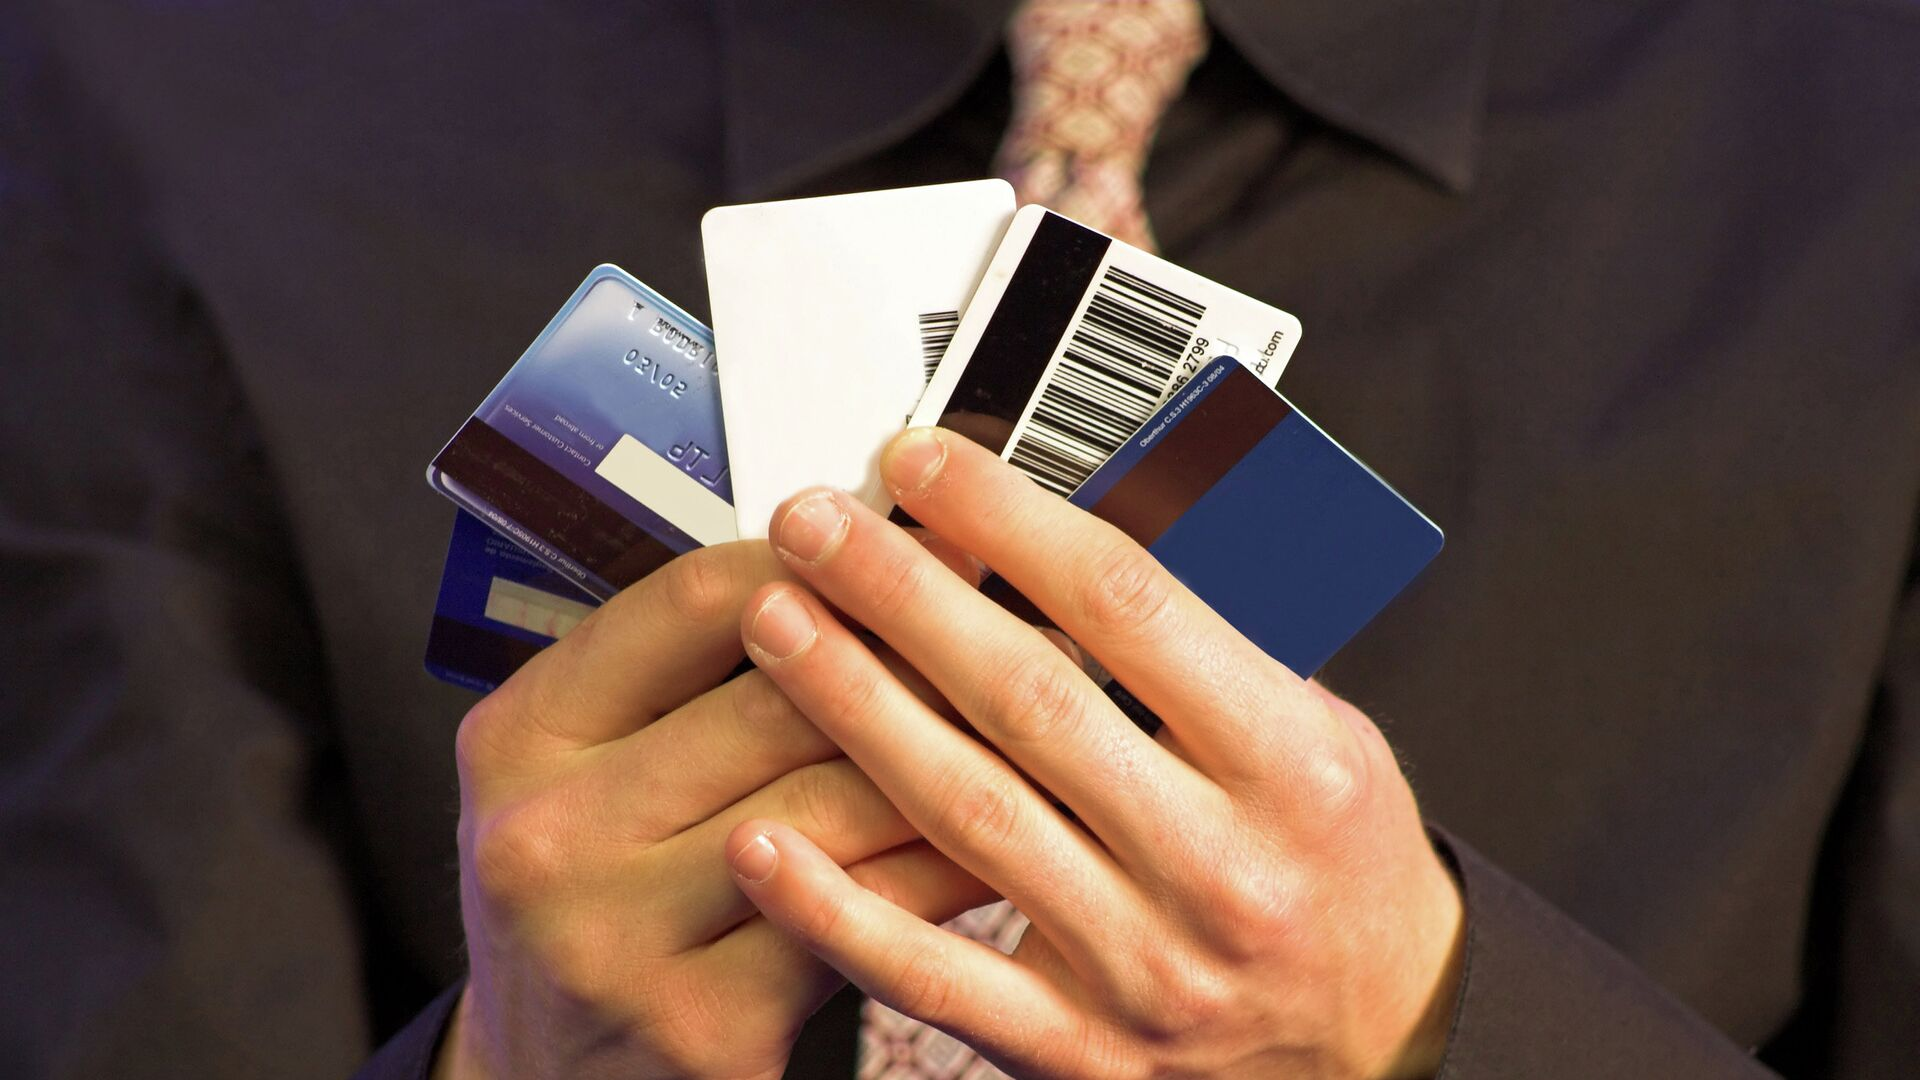 """Эксперт рассказал, чем опасны """"лишние"""" банковские карты"""